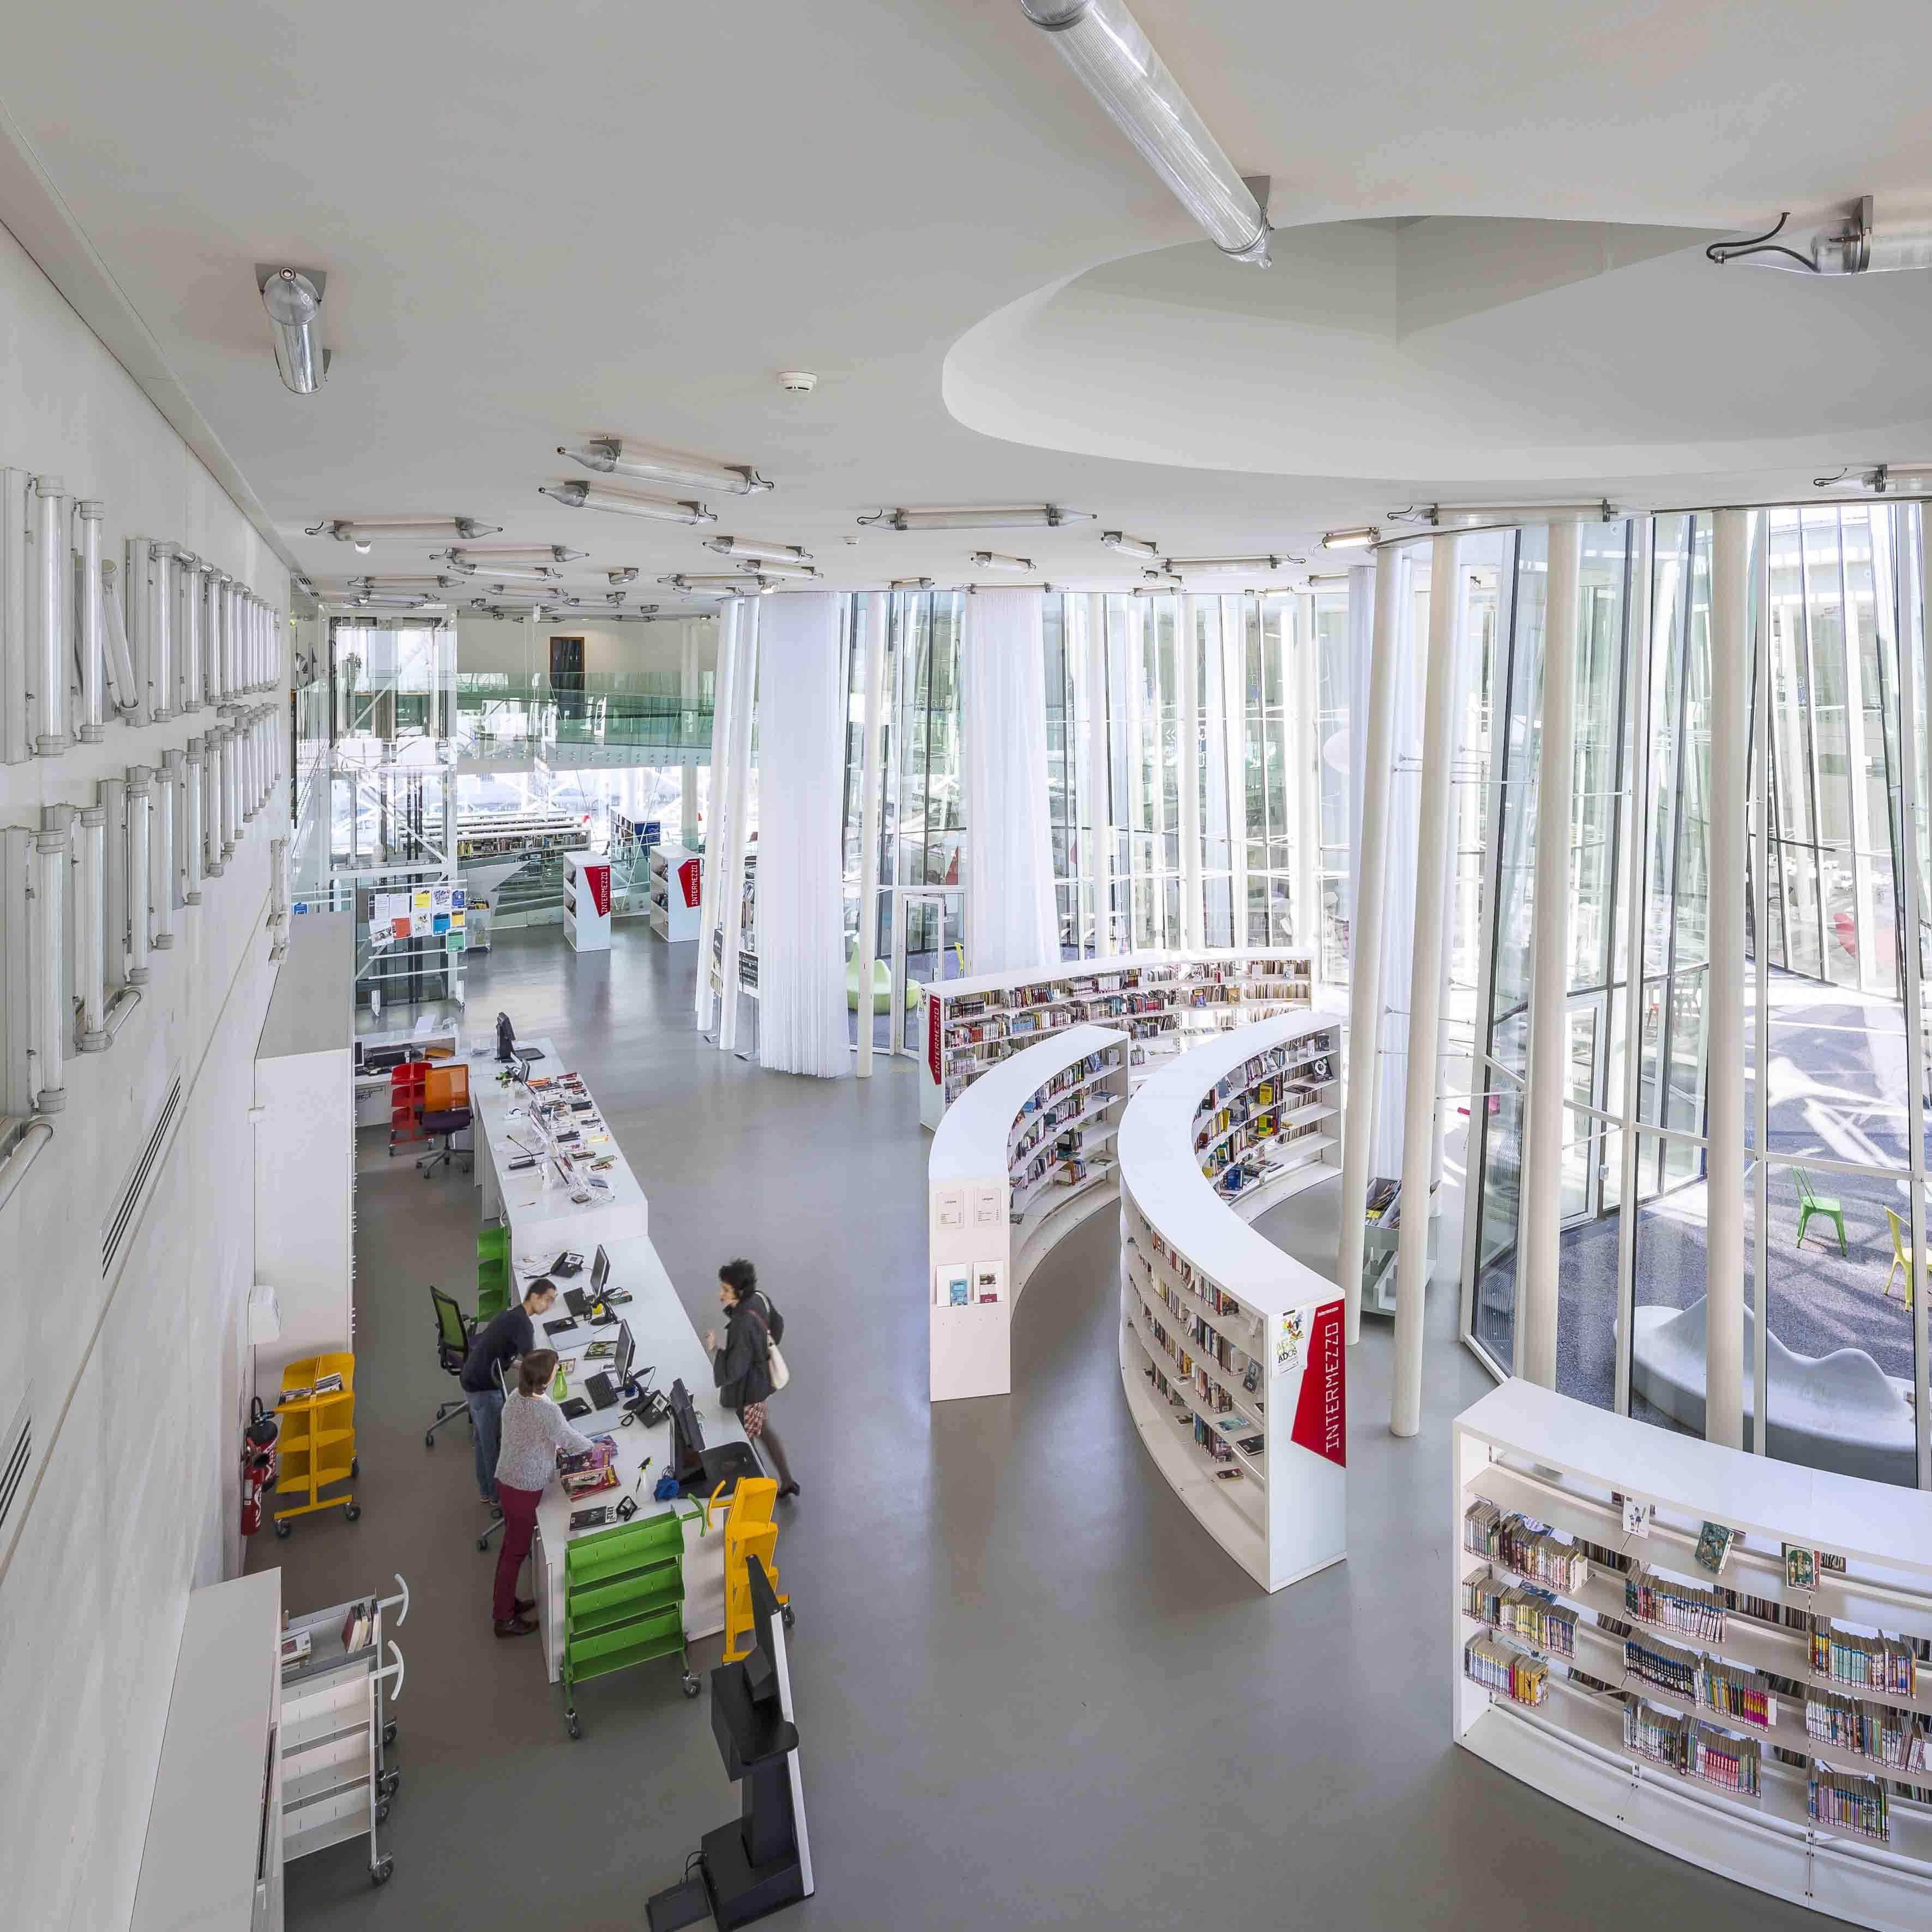 Das gl serne wissen architektur online for Design schule